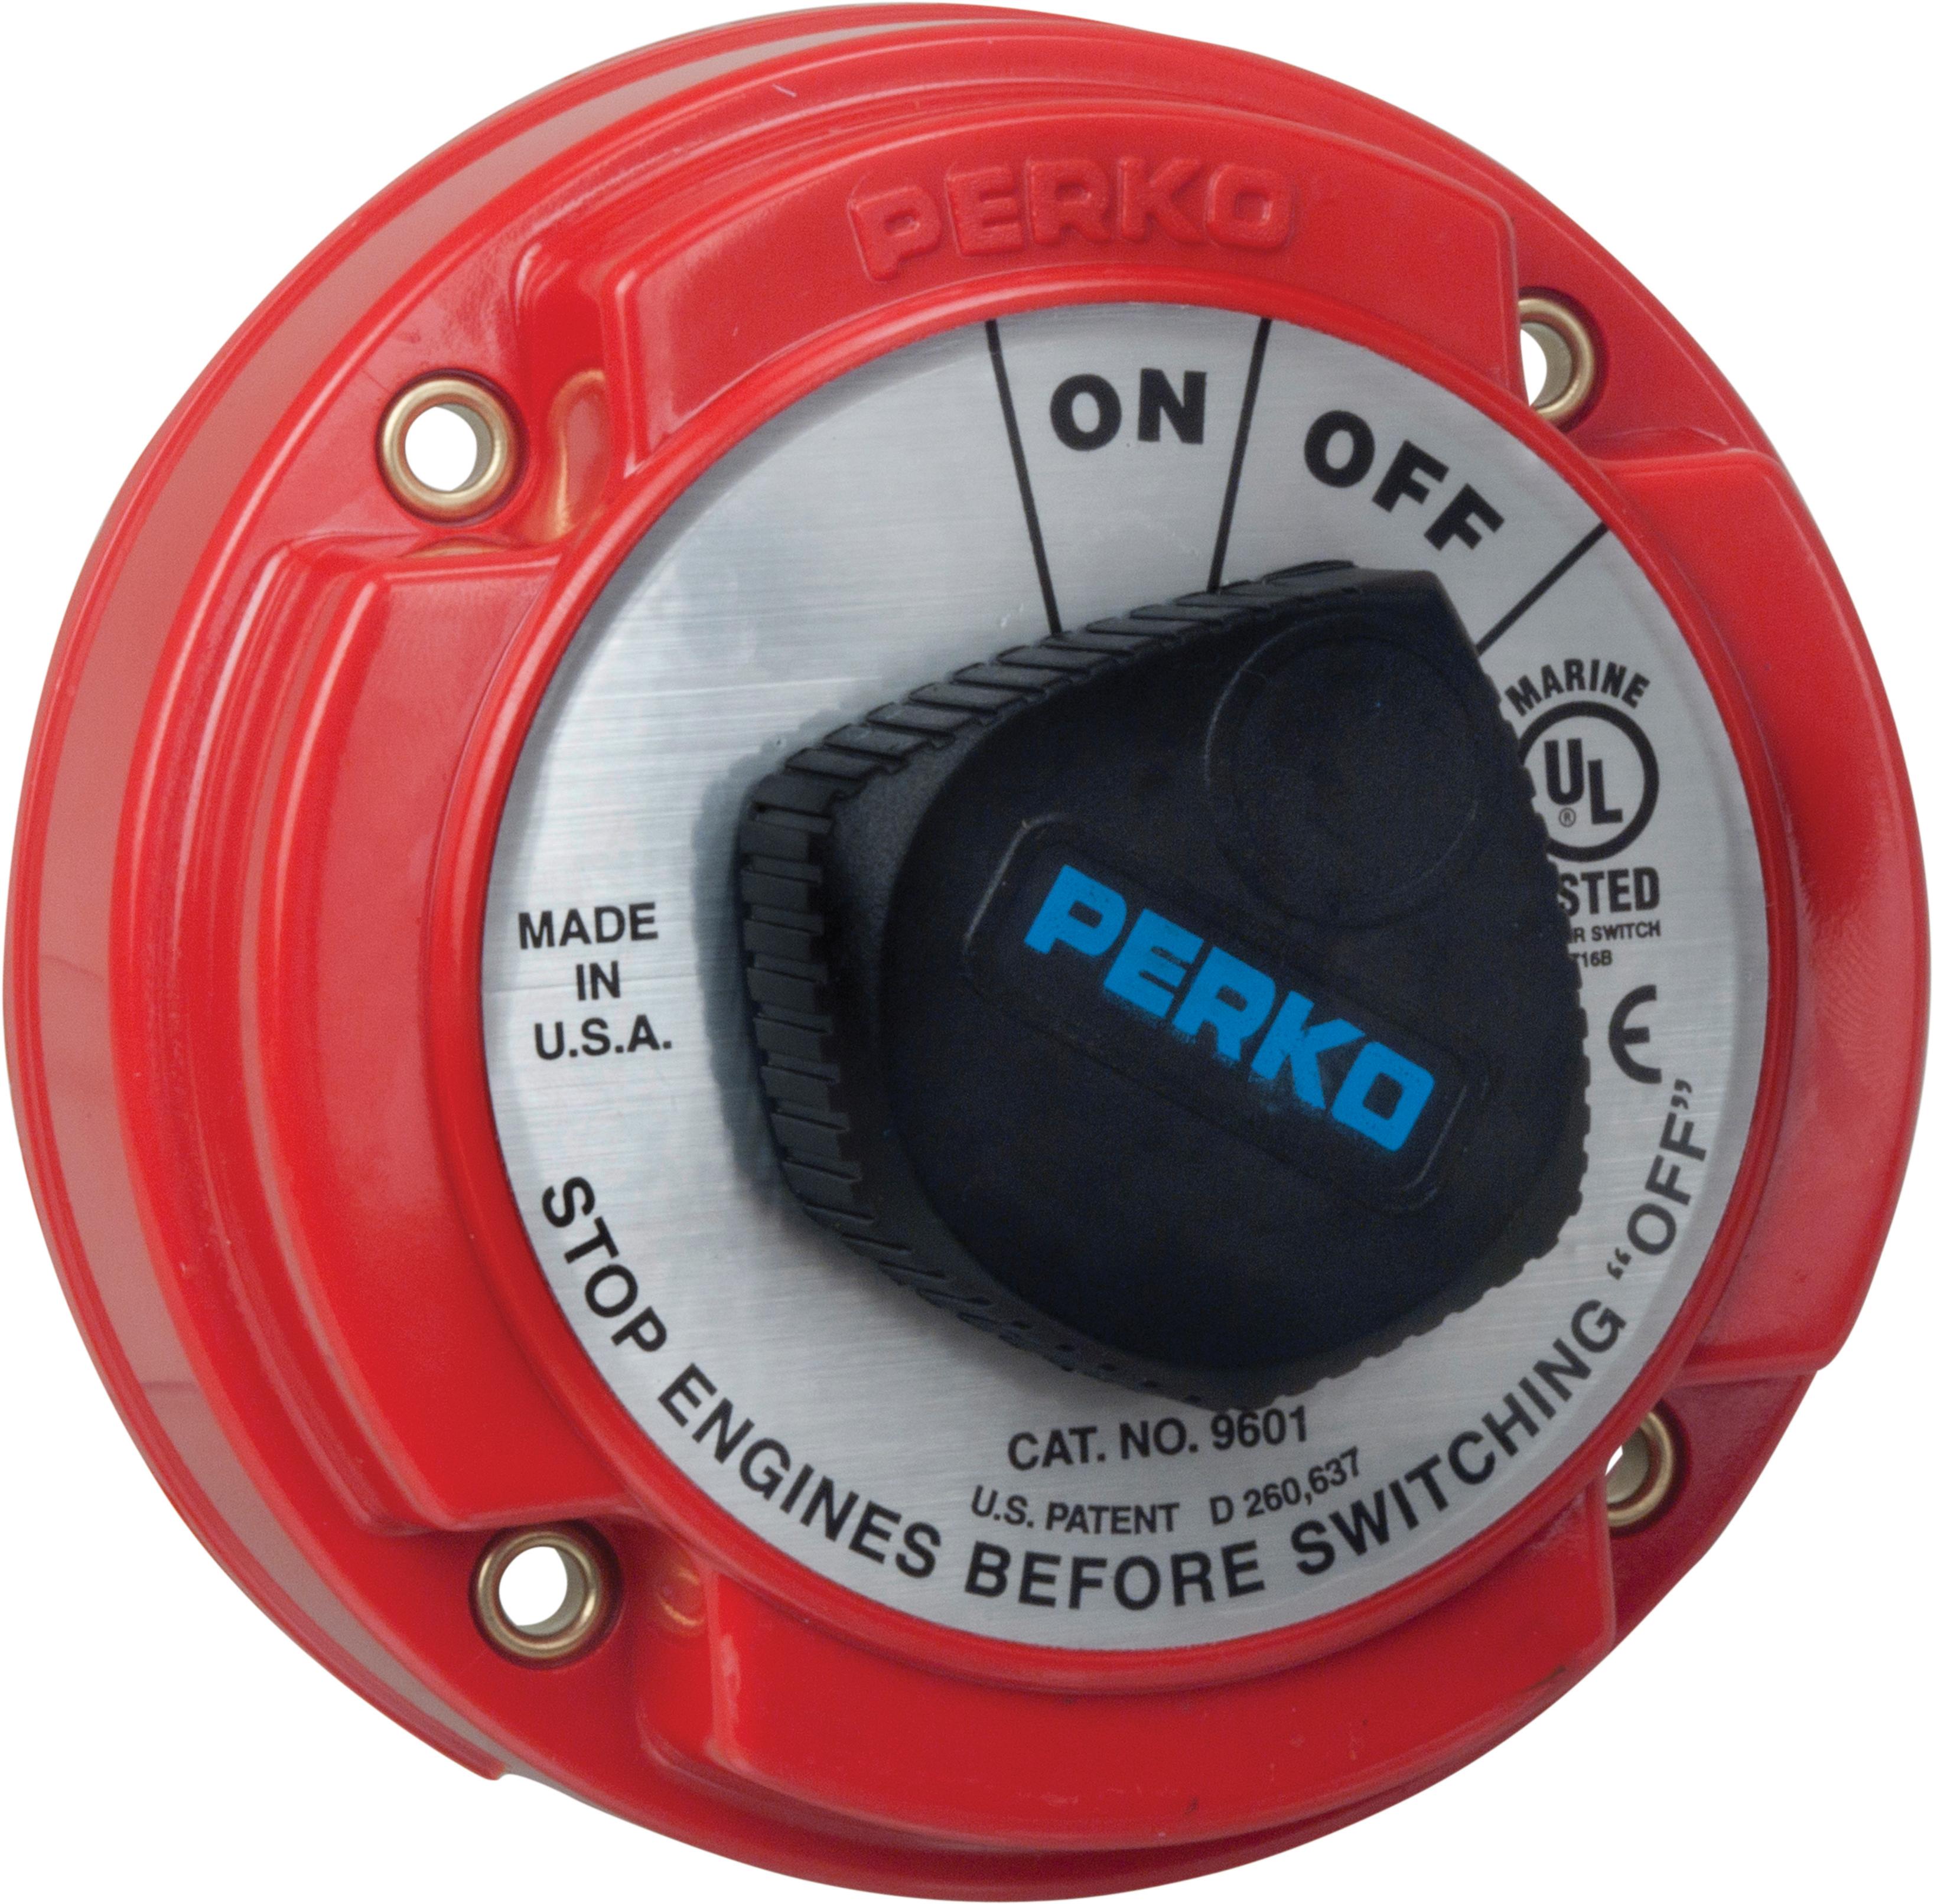 perko inc catalog battery switches medium duty 2016 toyota tacoma fuse box diagram perko inc catalog battery switches